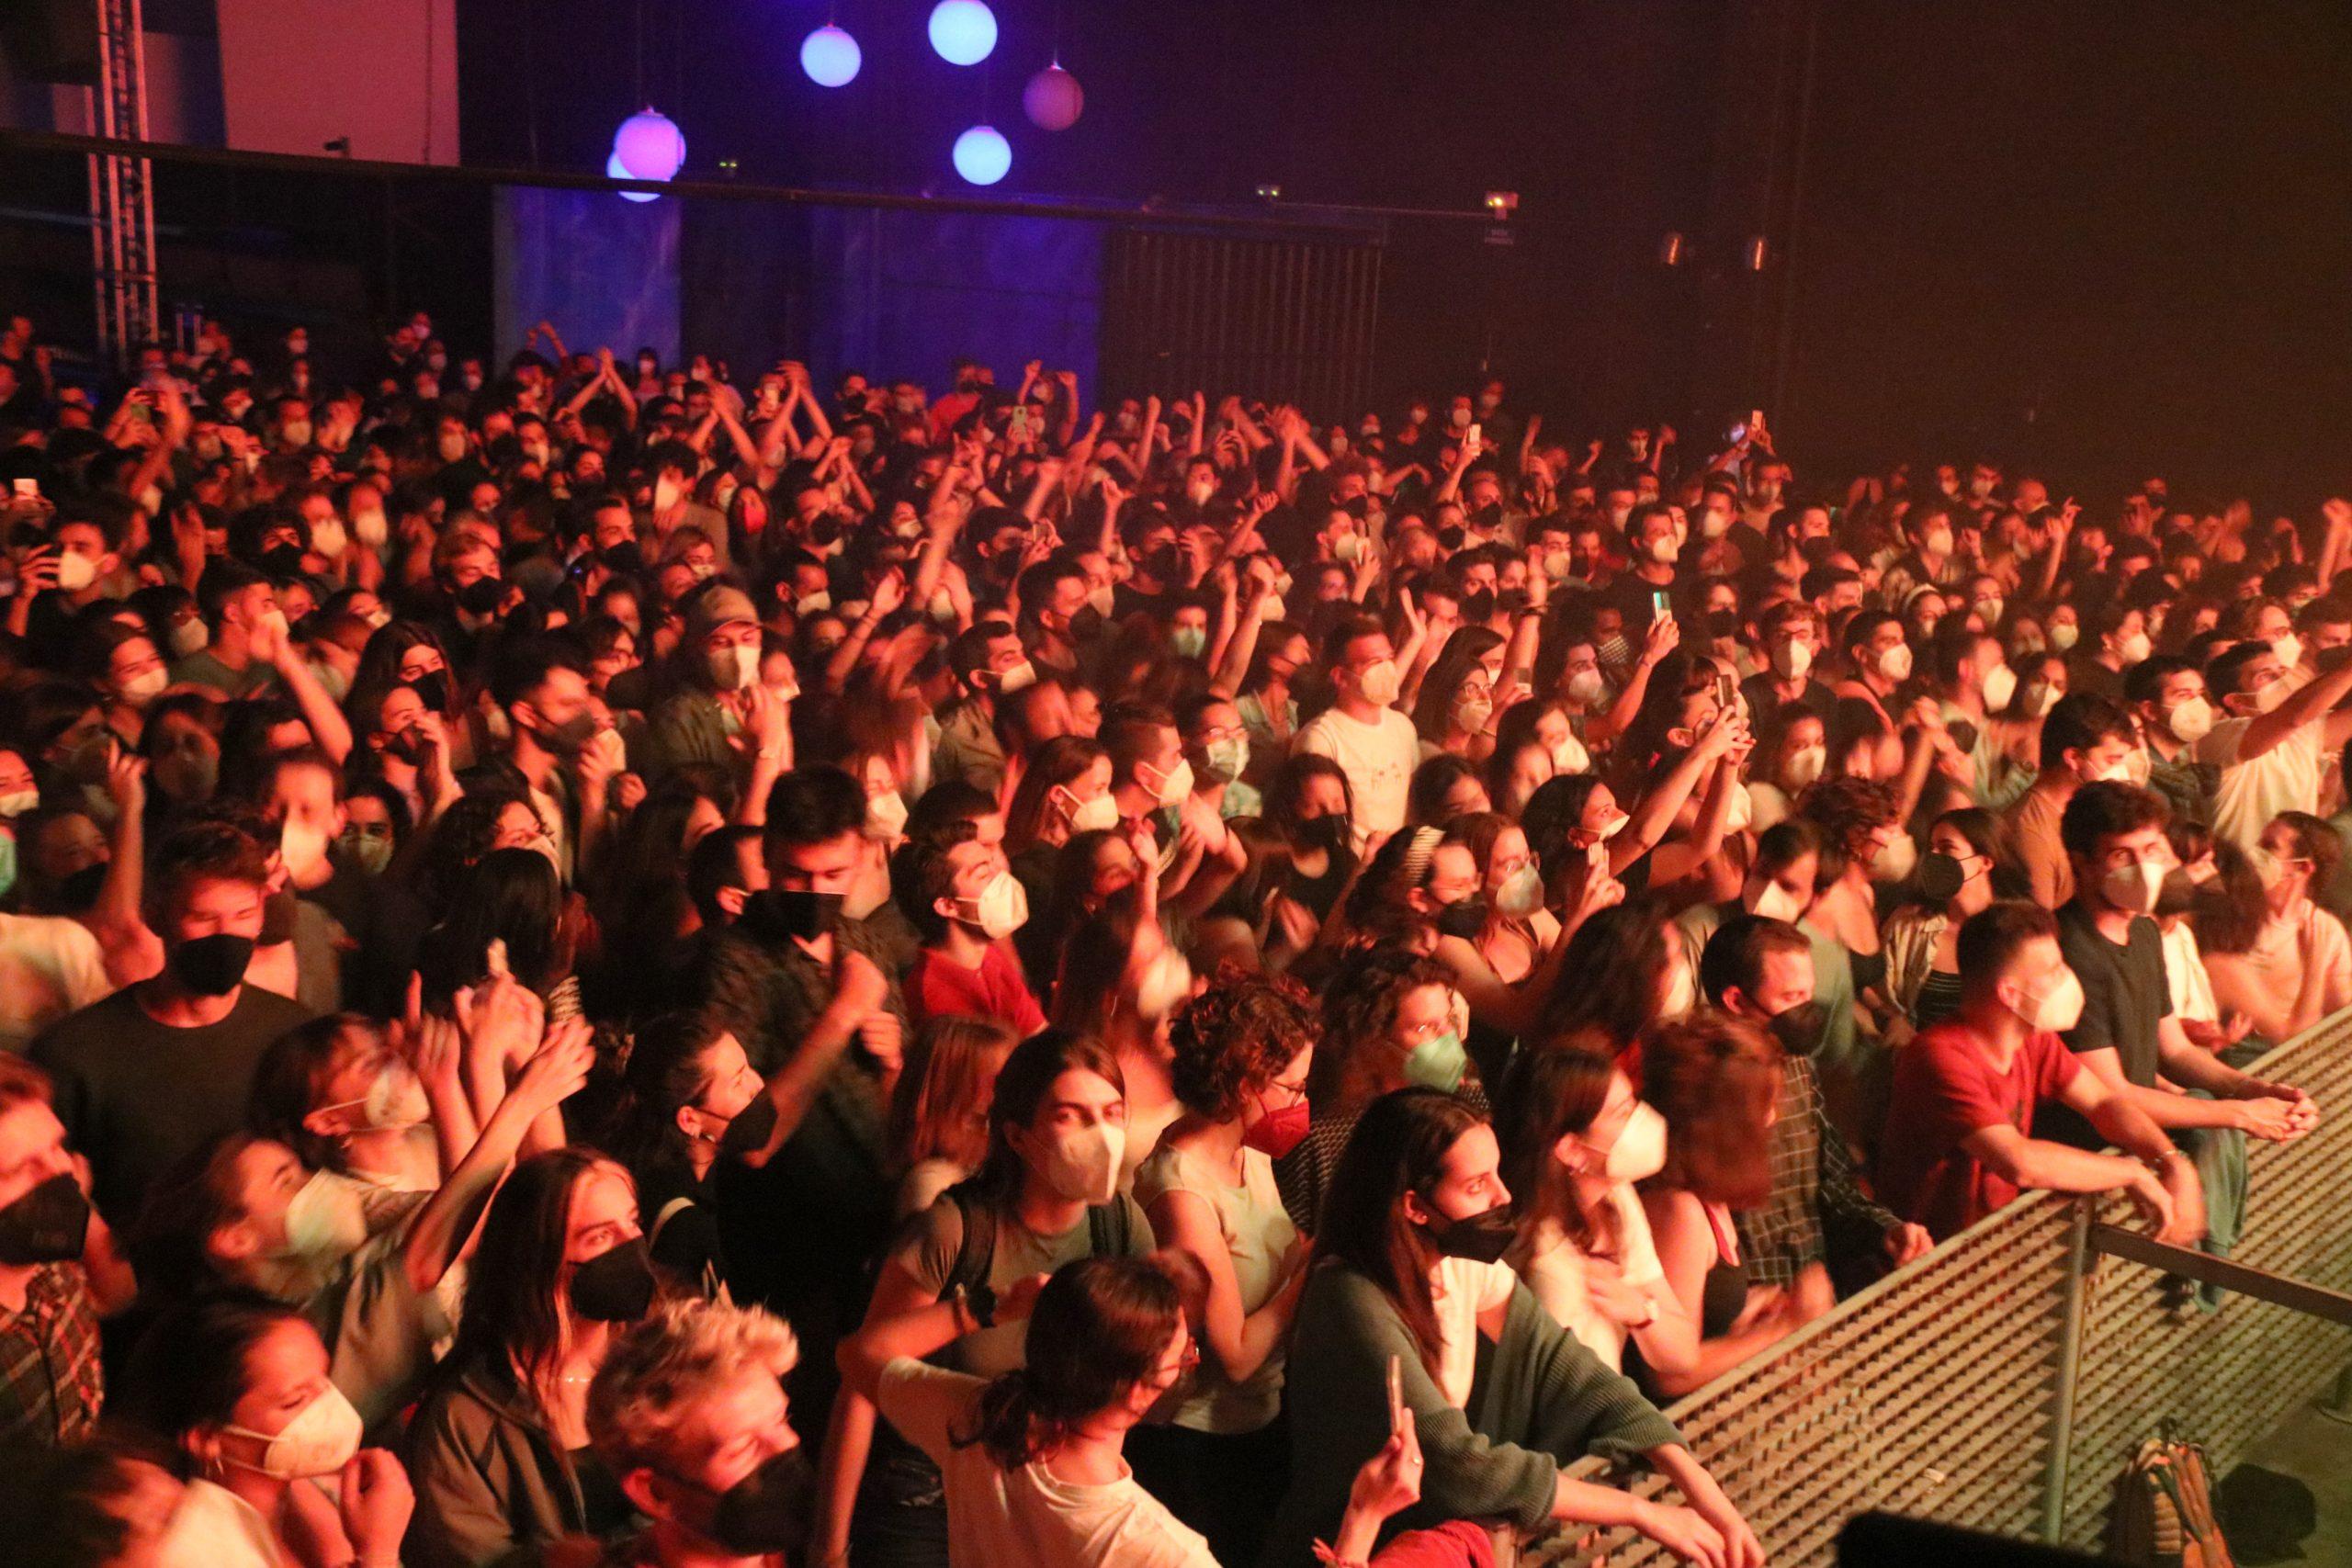 El públic que ha assistit al concert de Manel aquest divendres 21 de maig de 2021 a la Sala Mirona de Salt.